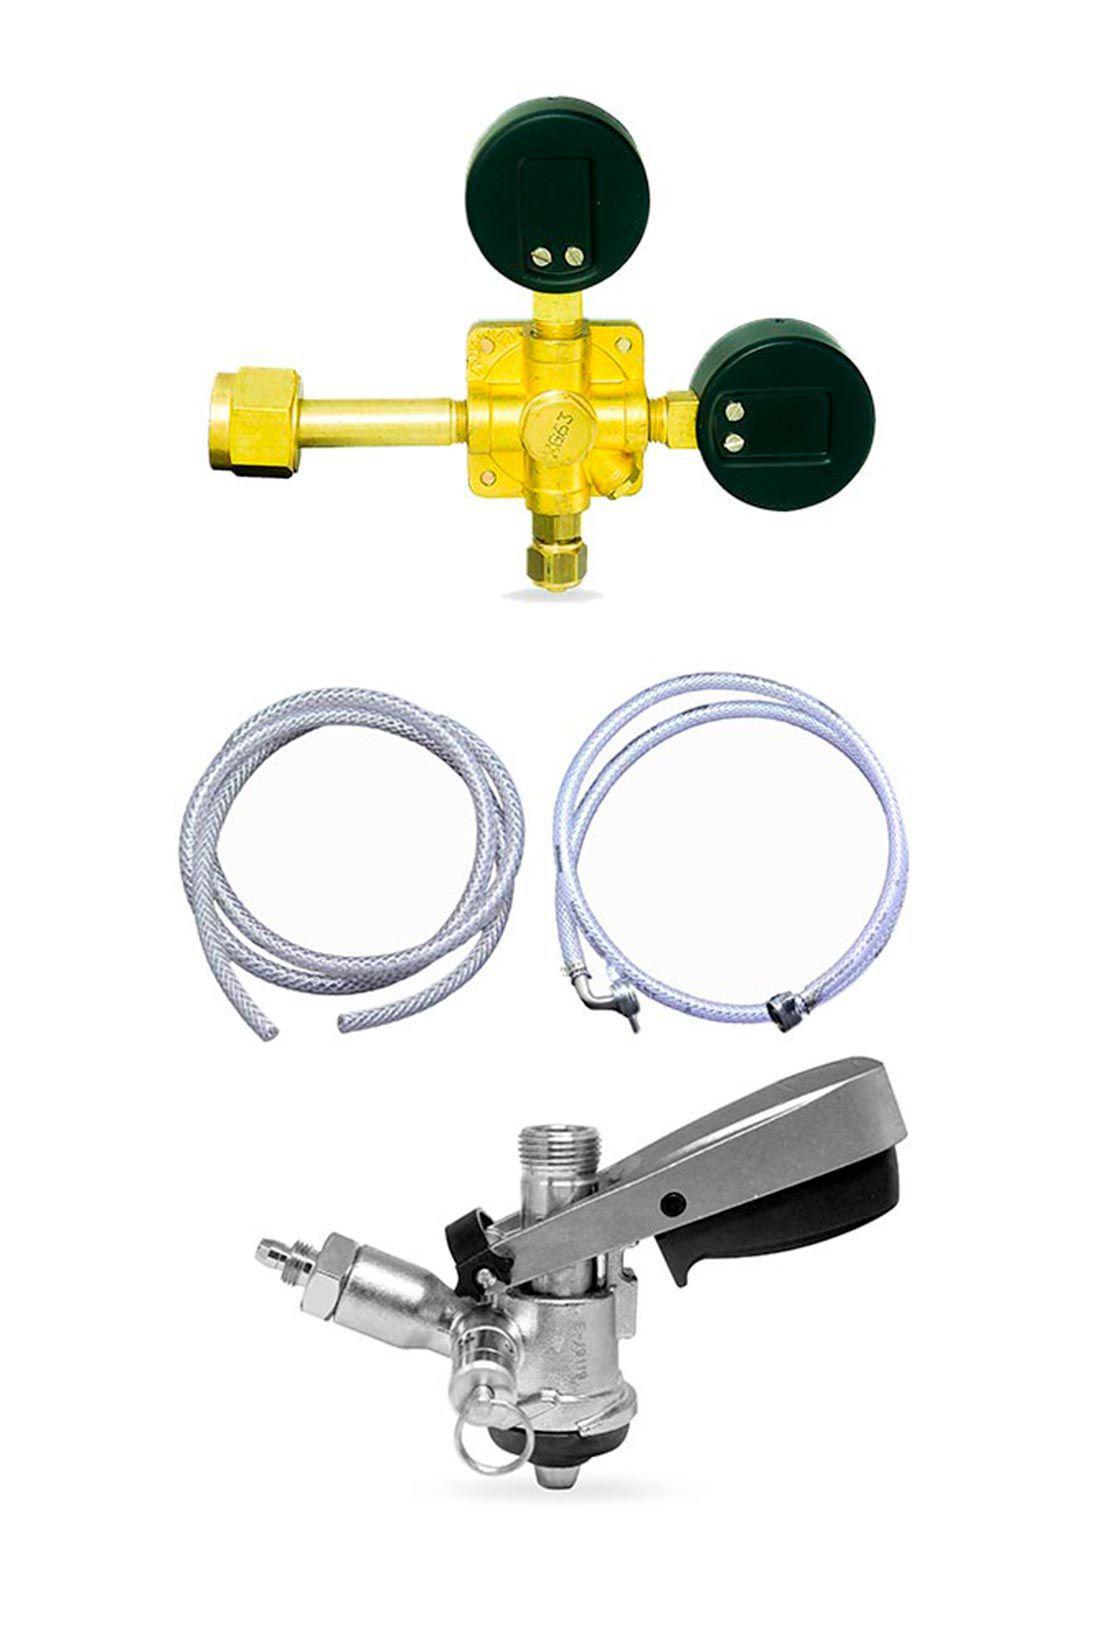 Kit de extração de chopp sem cilindro